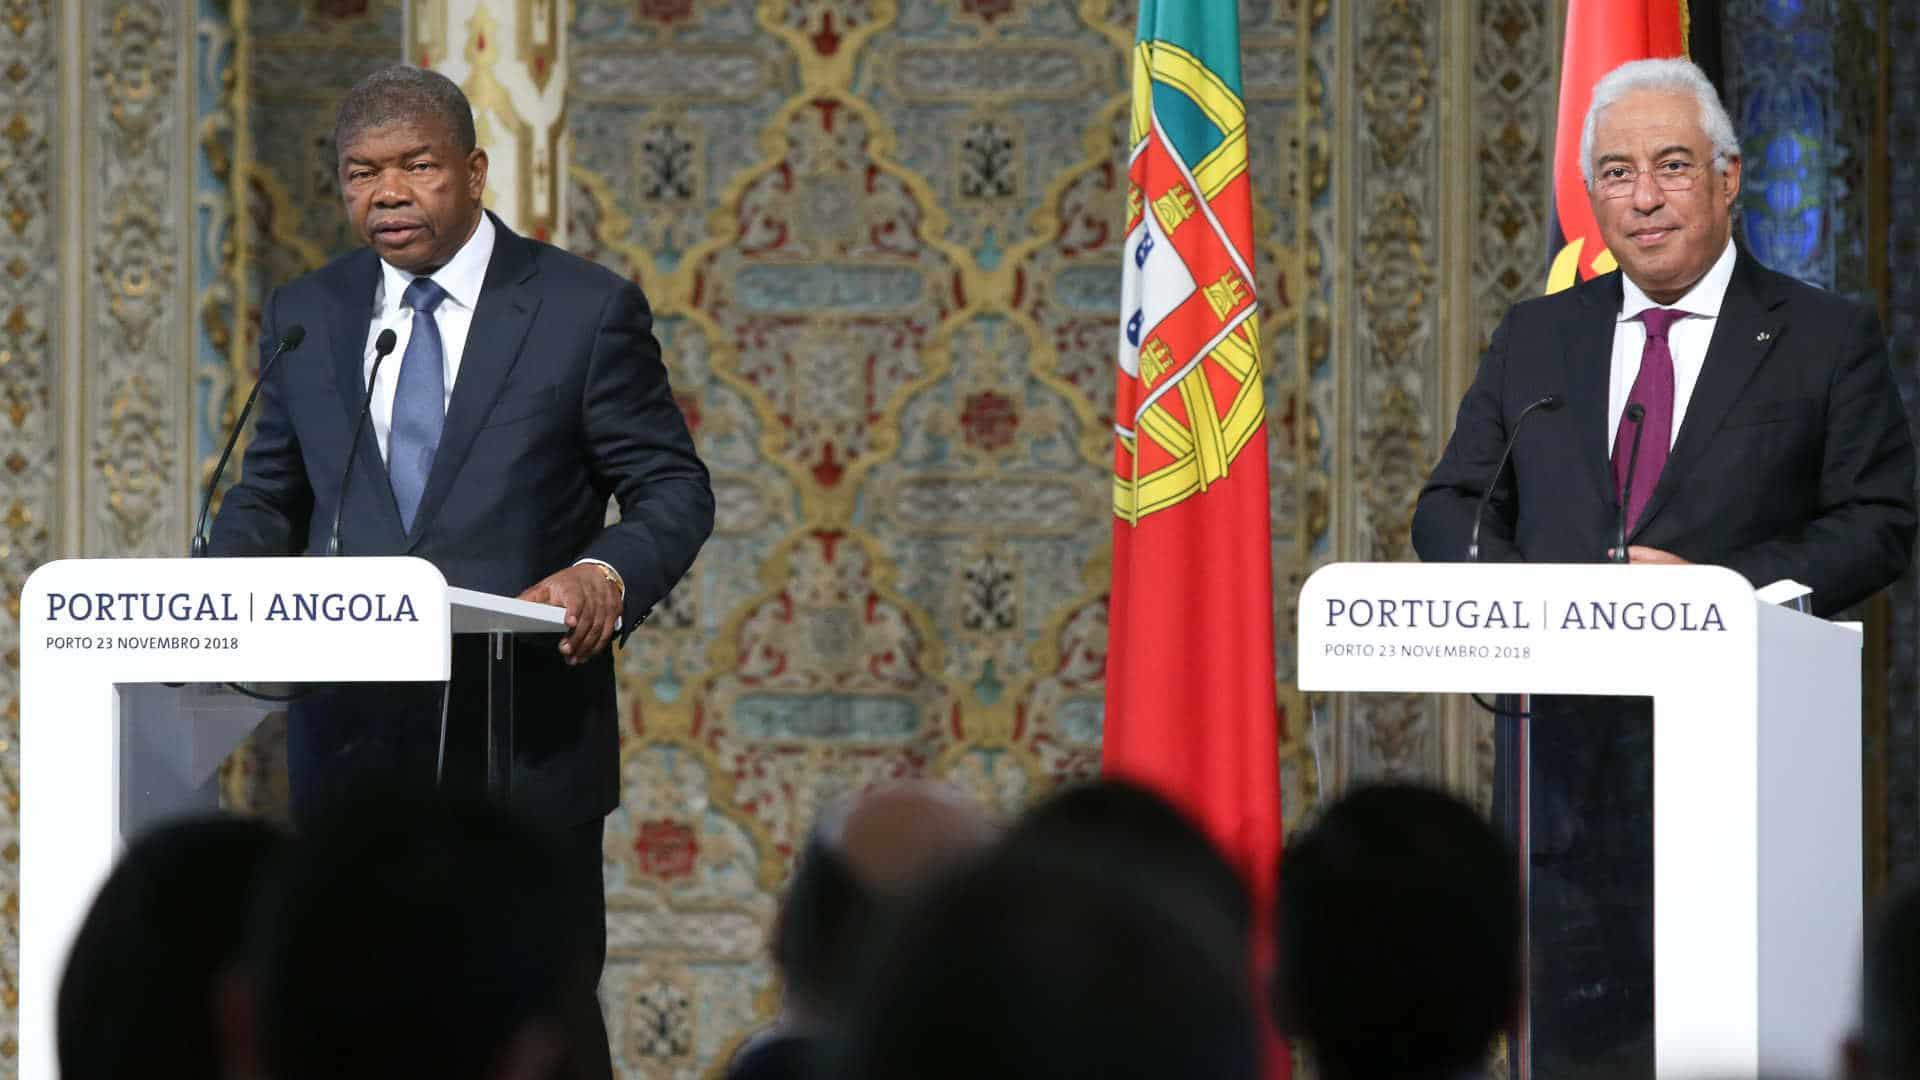 """- JLO e ANT  NIO COSTA - Repatriamento de capitais: Portugal """"frustra"""" expectativas de Angola"""